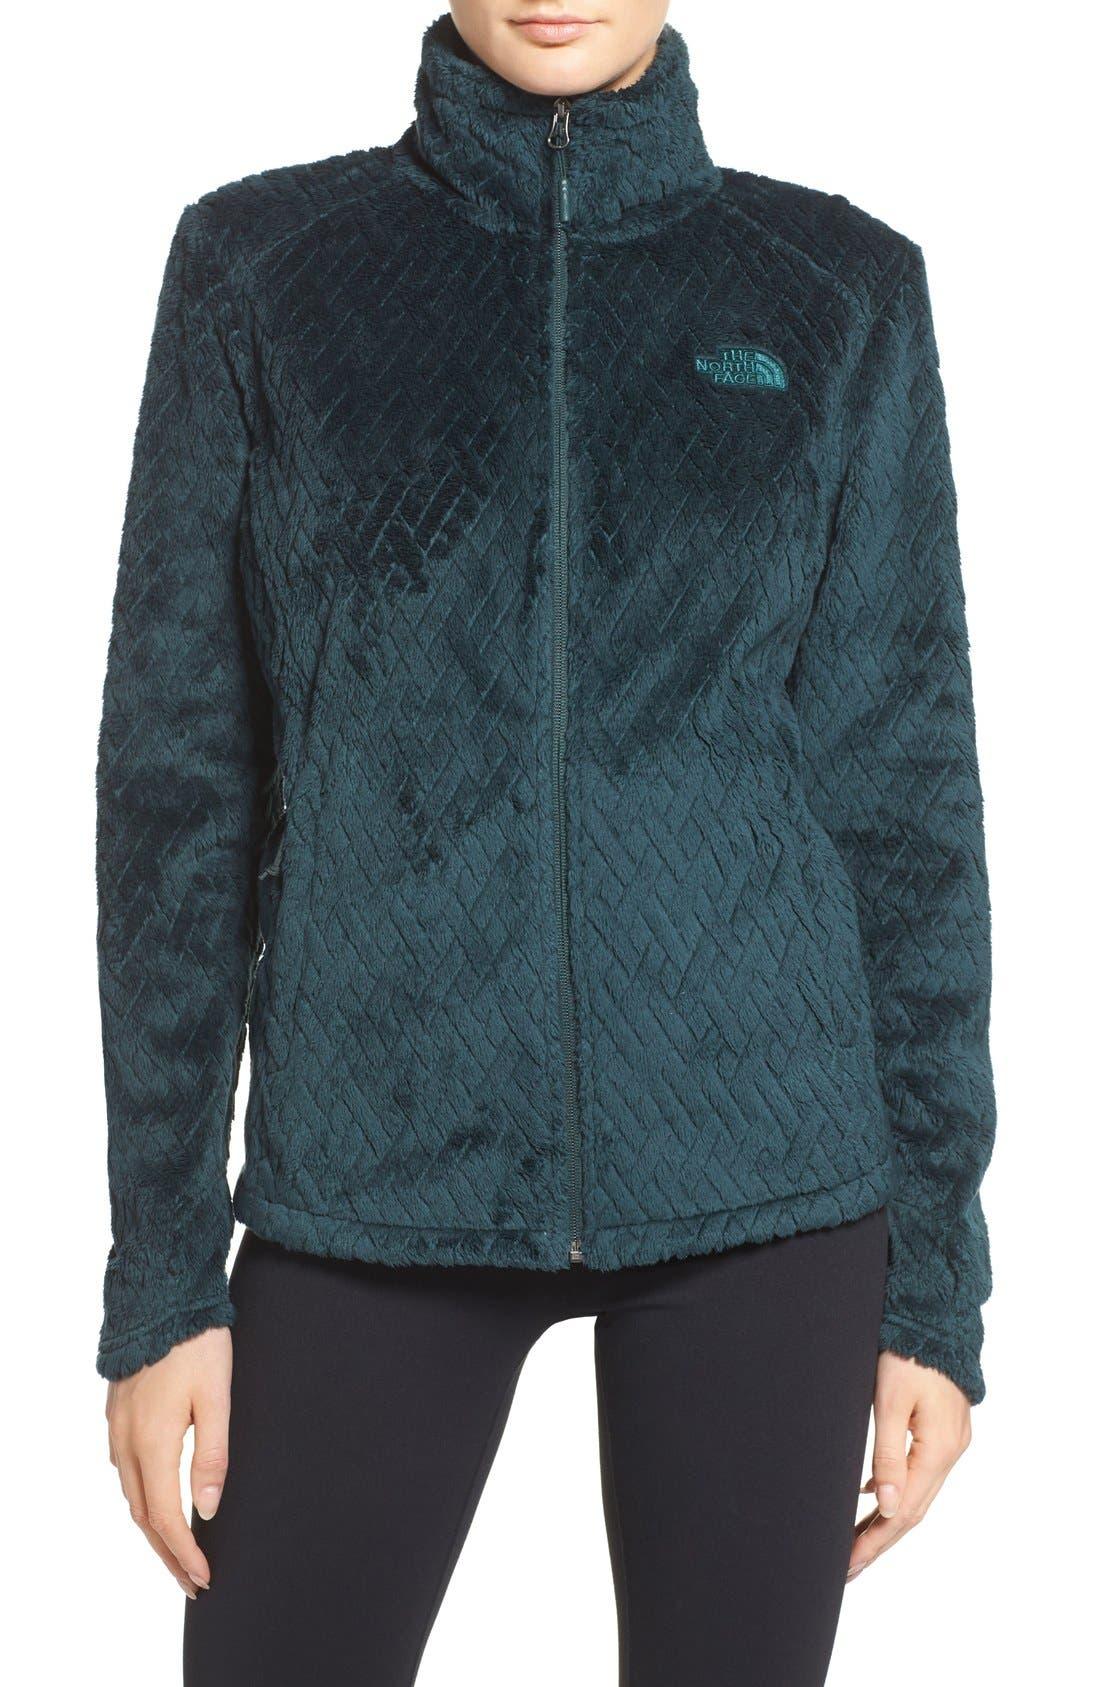 Main Image - The North Face Novelty Osito Fleece Jacket